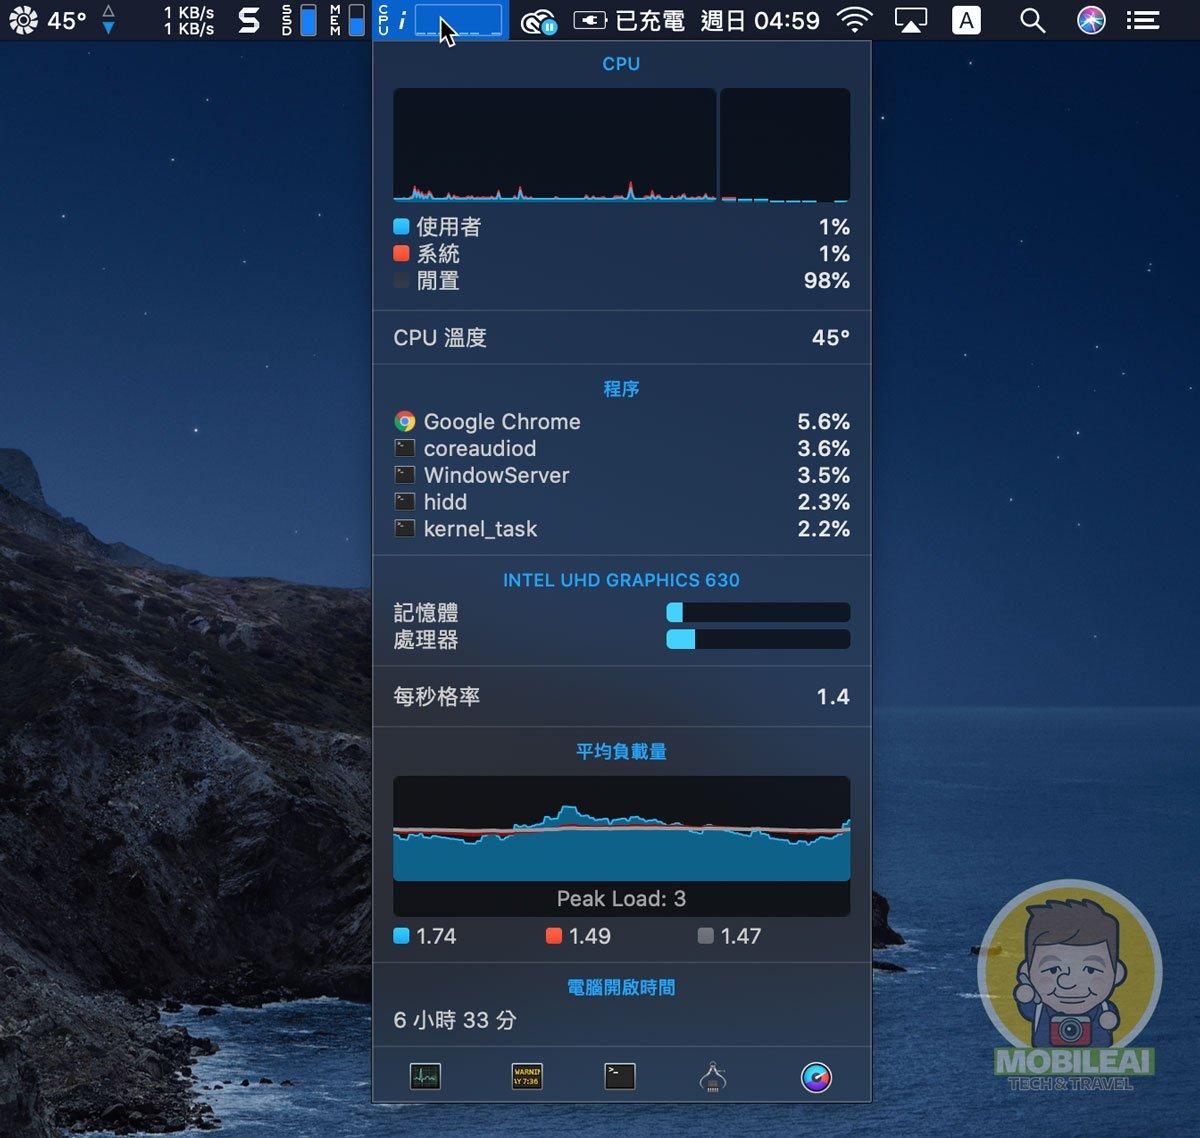 macOS 必裝工具軟體 iStat Menus